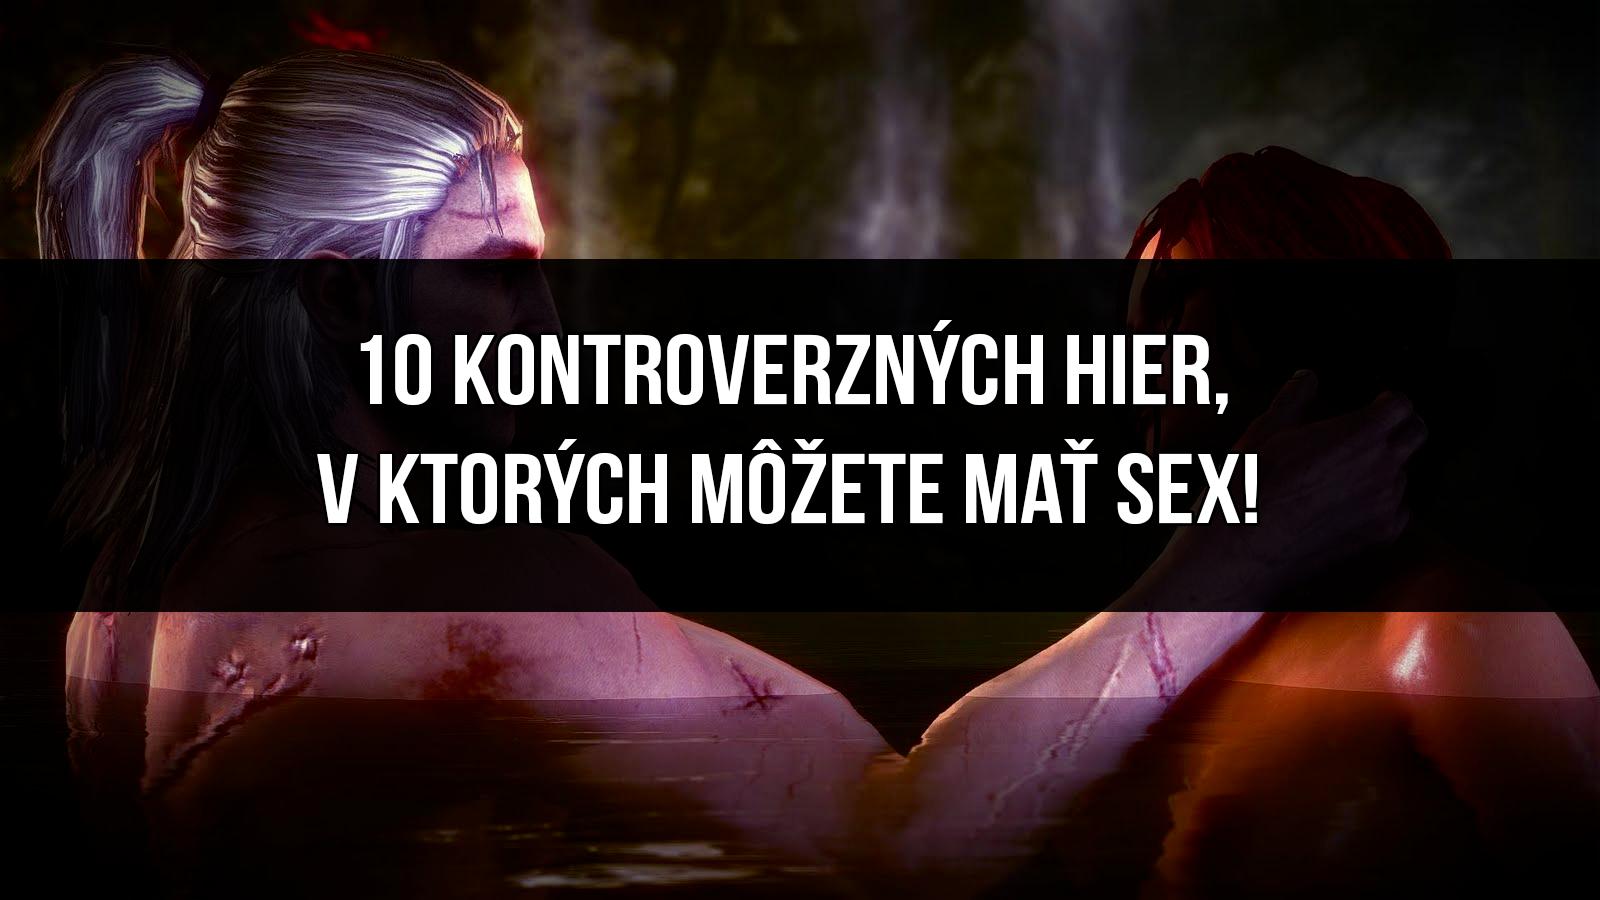 video hry sexuálne scény videou sex